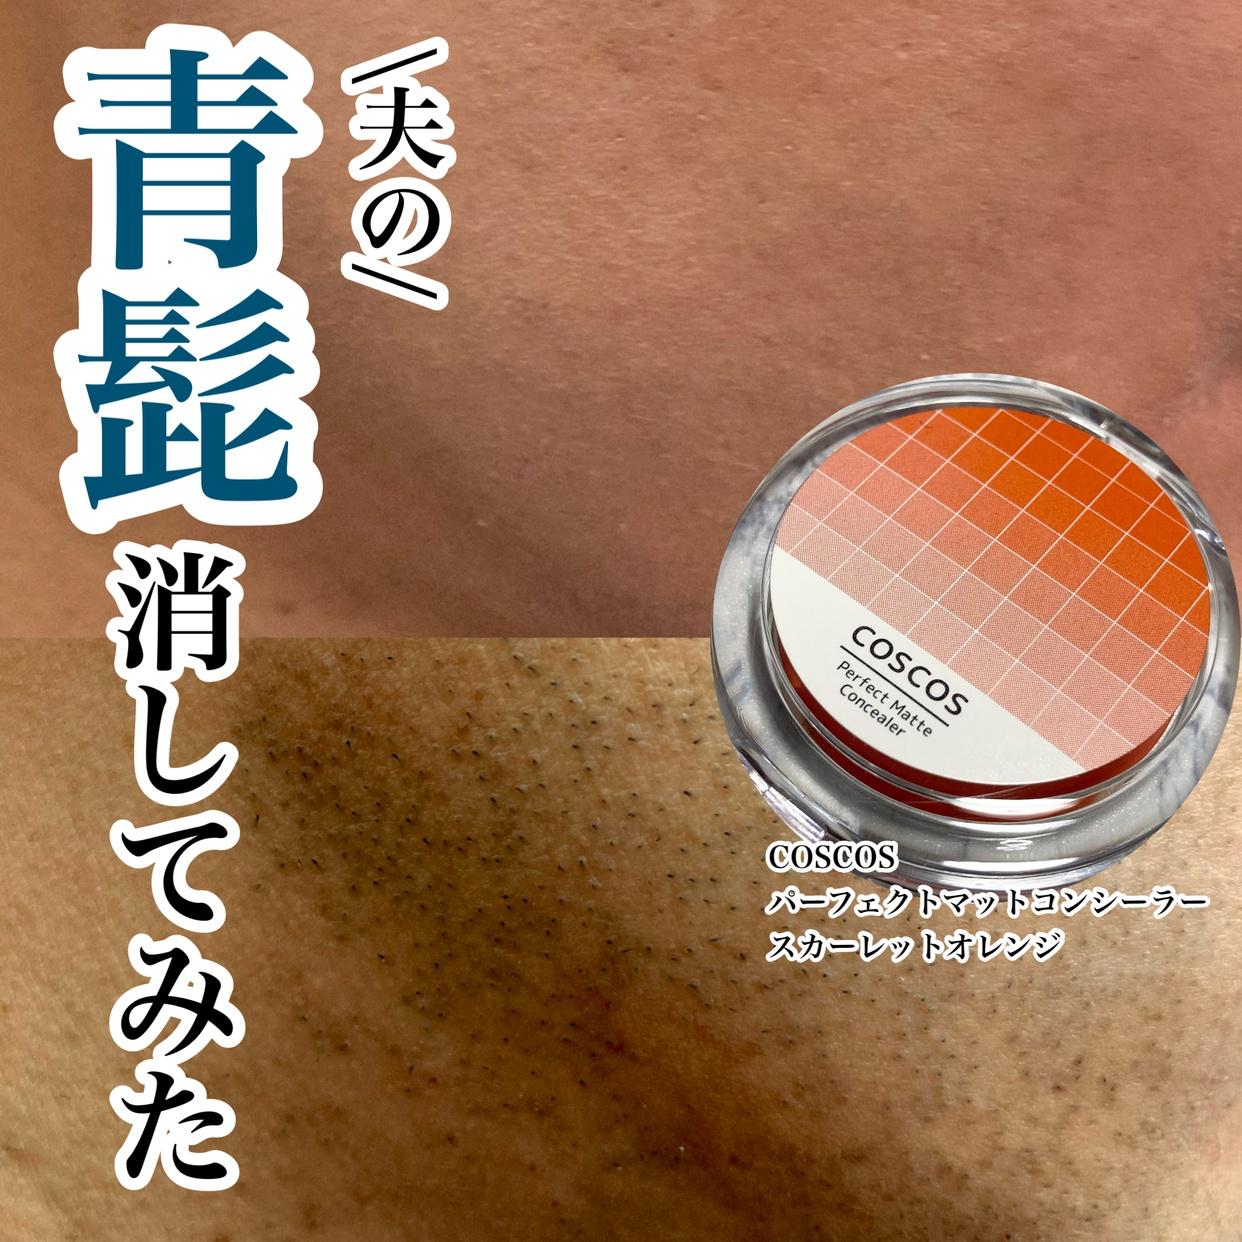 COSCOS(コスコス) パーフェクトマットコンシーラーの良い点・メリットに関する☆ふくすけ☆さんの口コミ画像1